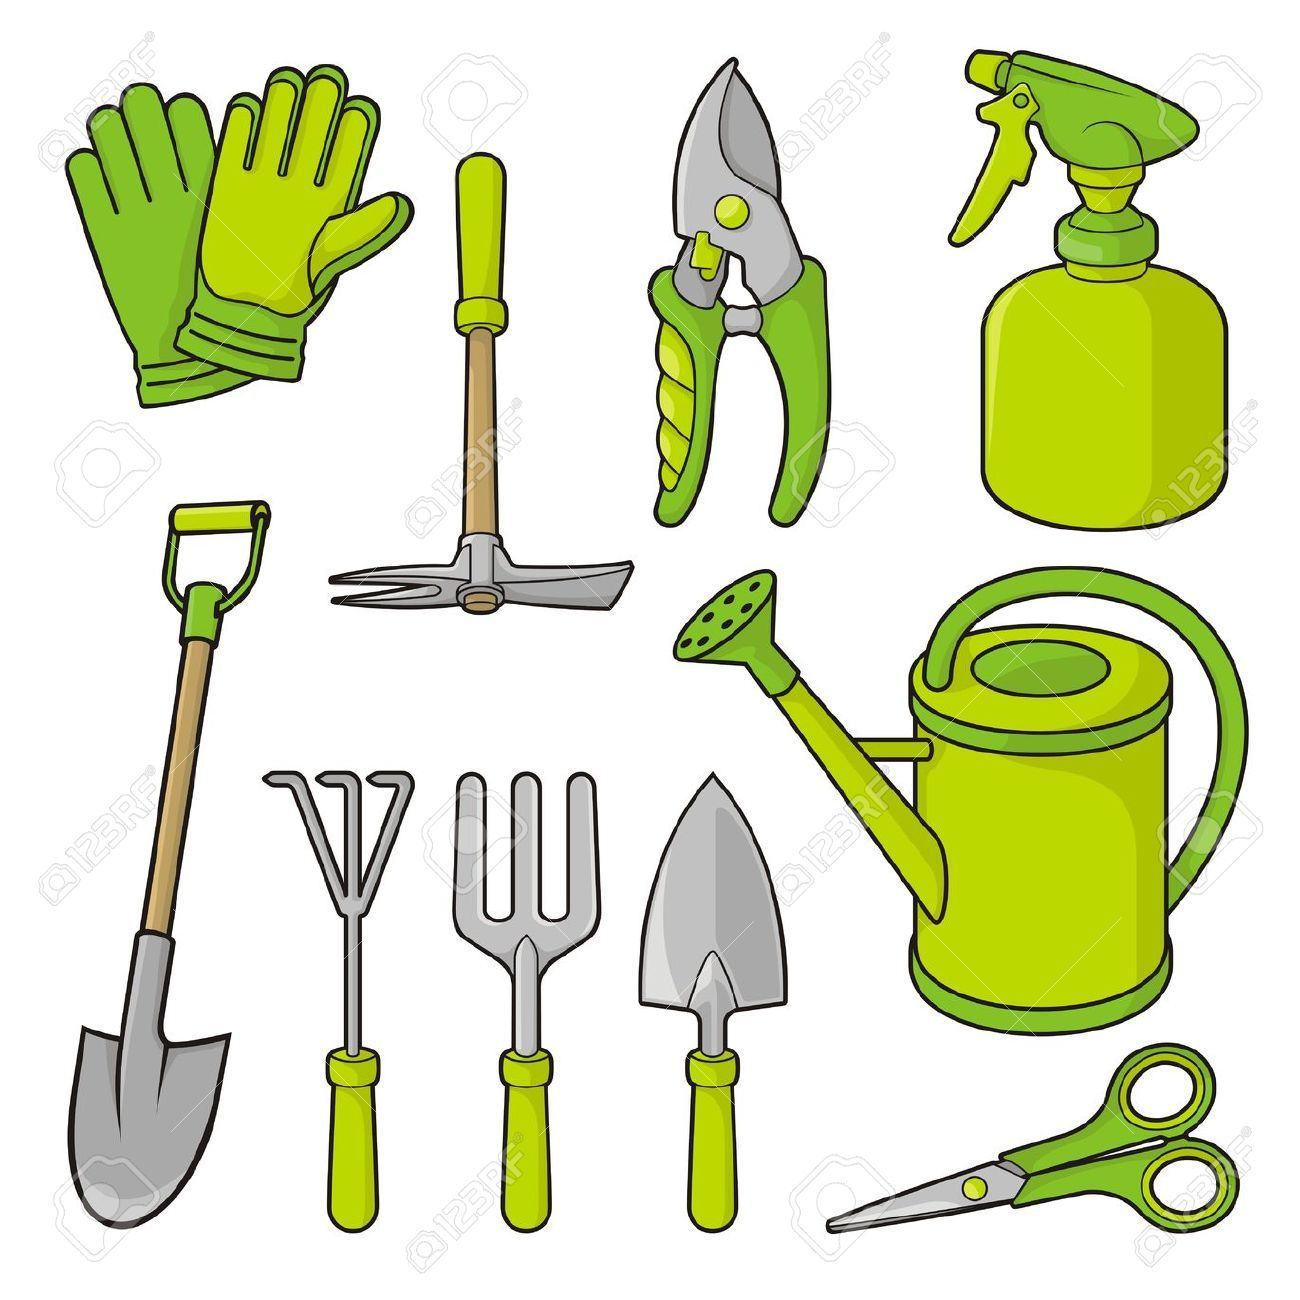 Landscape Clipart Vegetable Garden Tool Landscape Vegetable